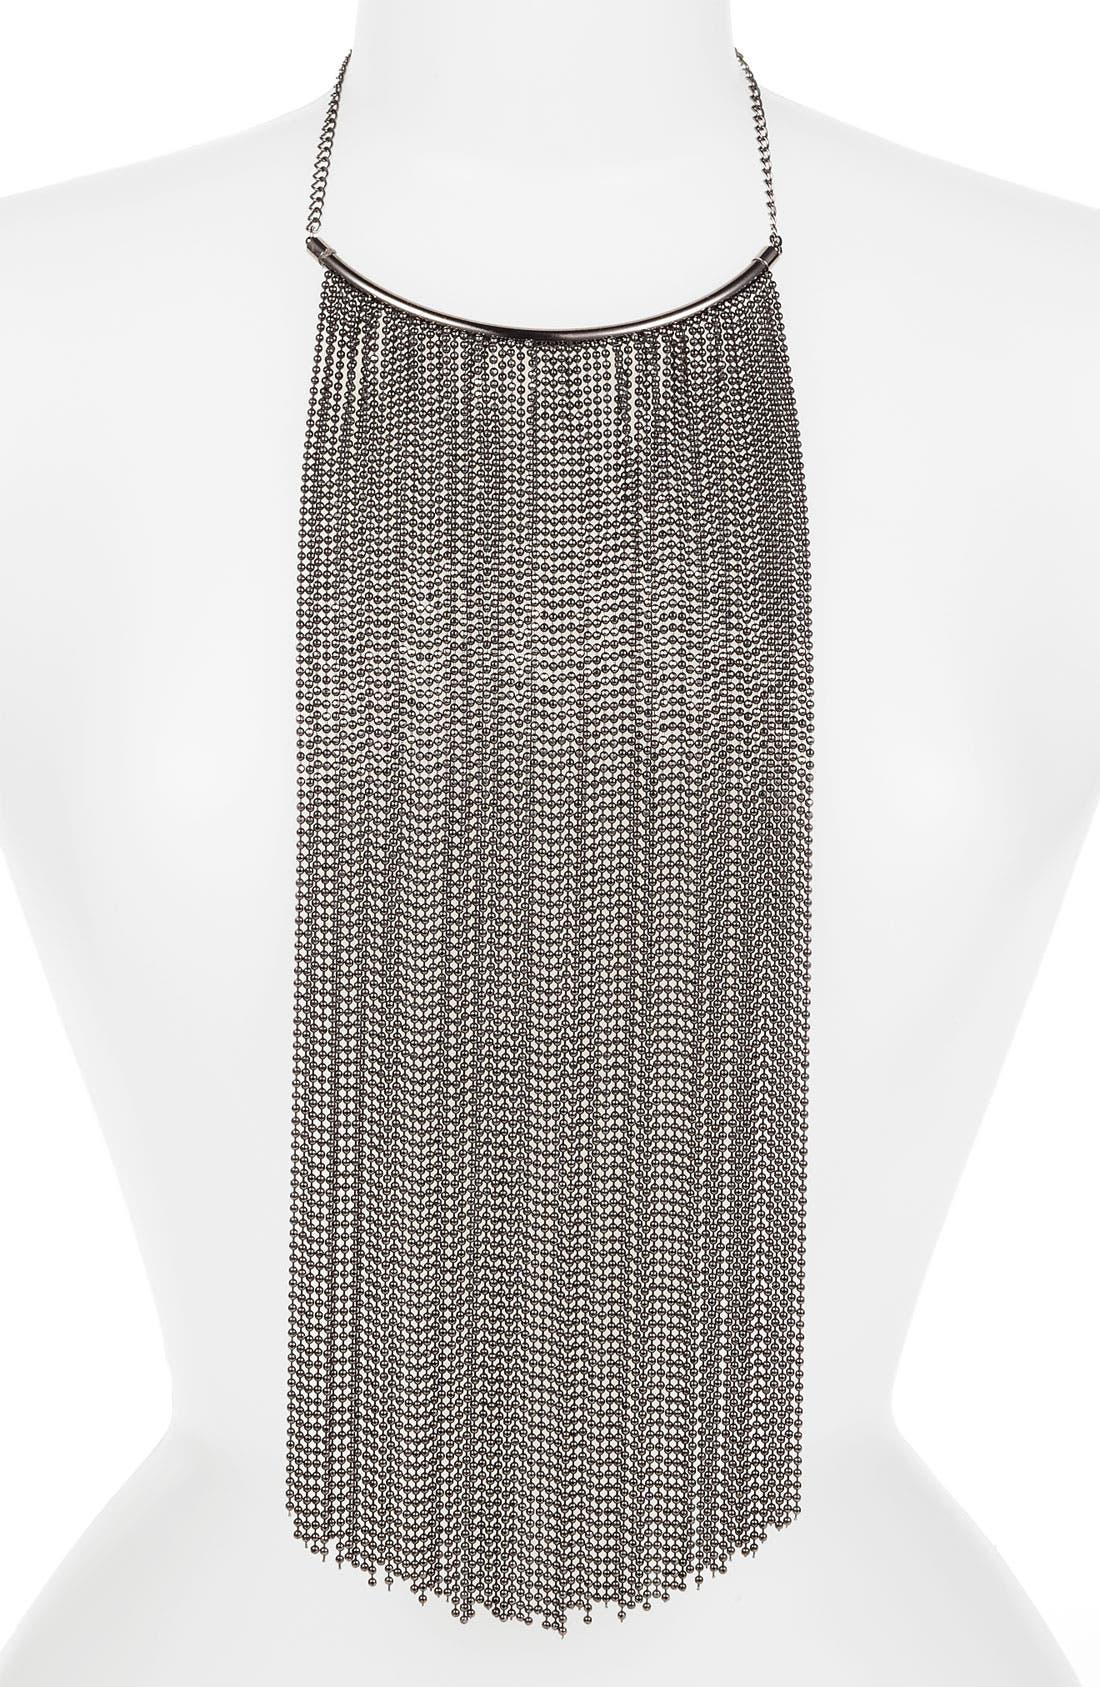 Main Image - Natasha Couture Fringe Bib Necklace